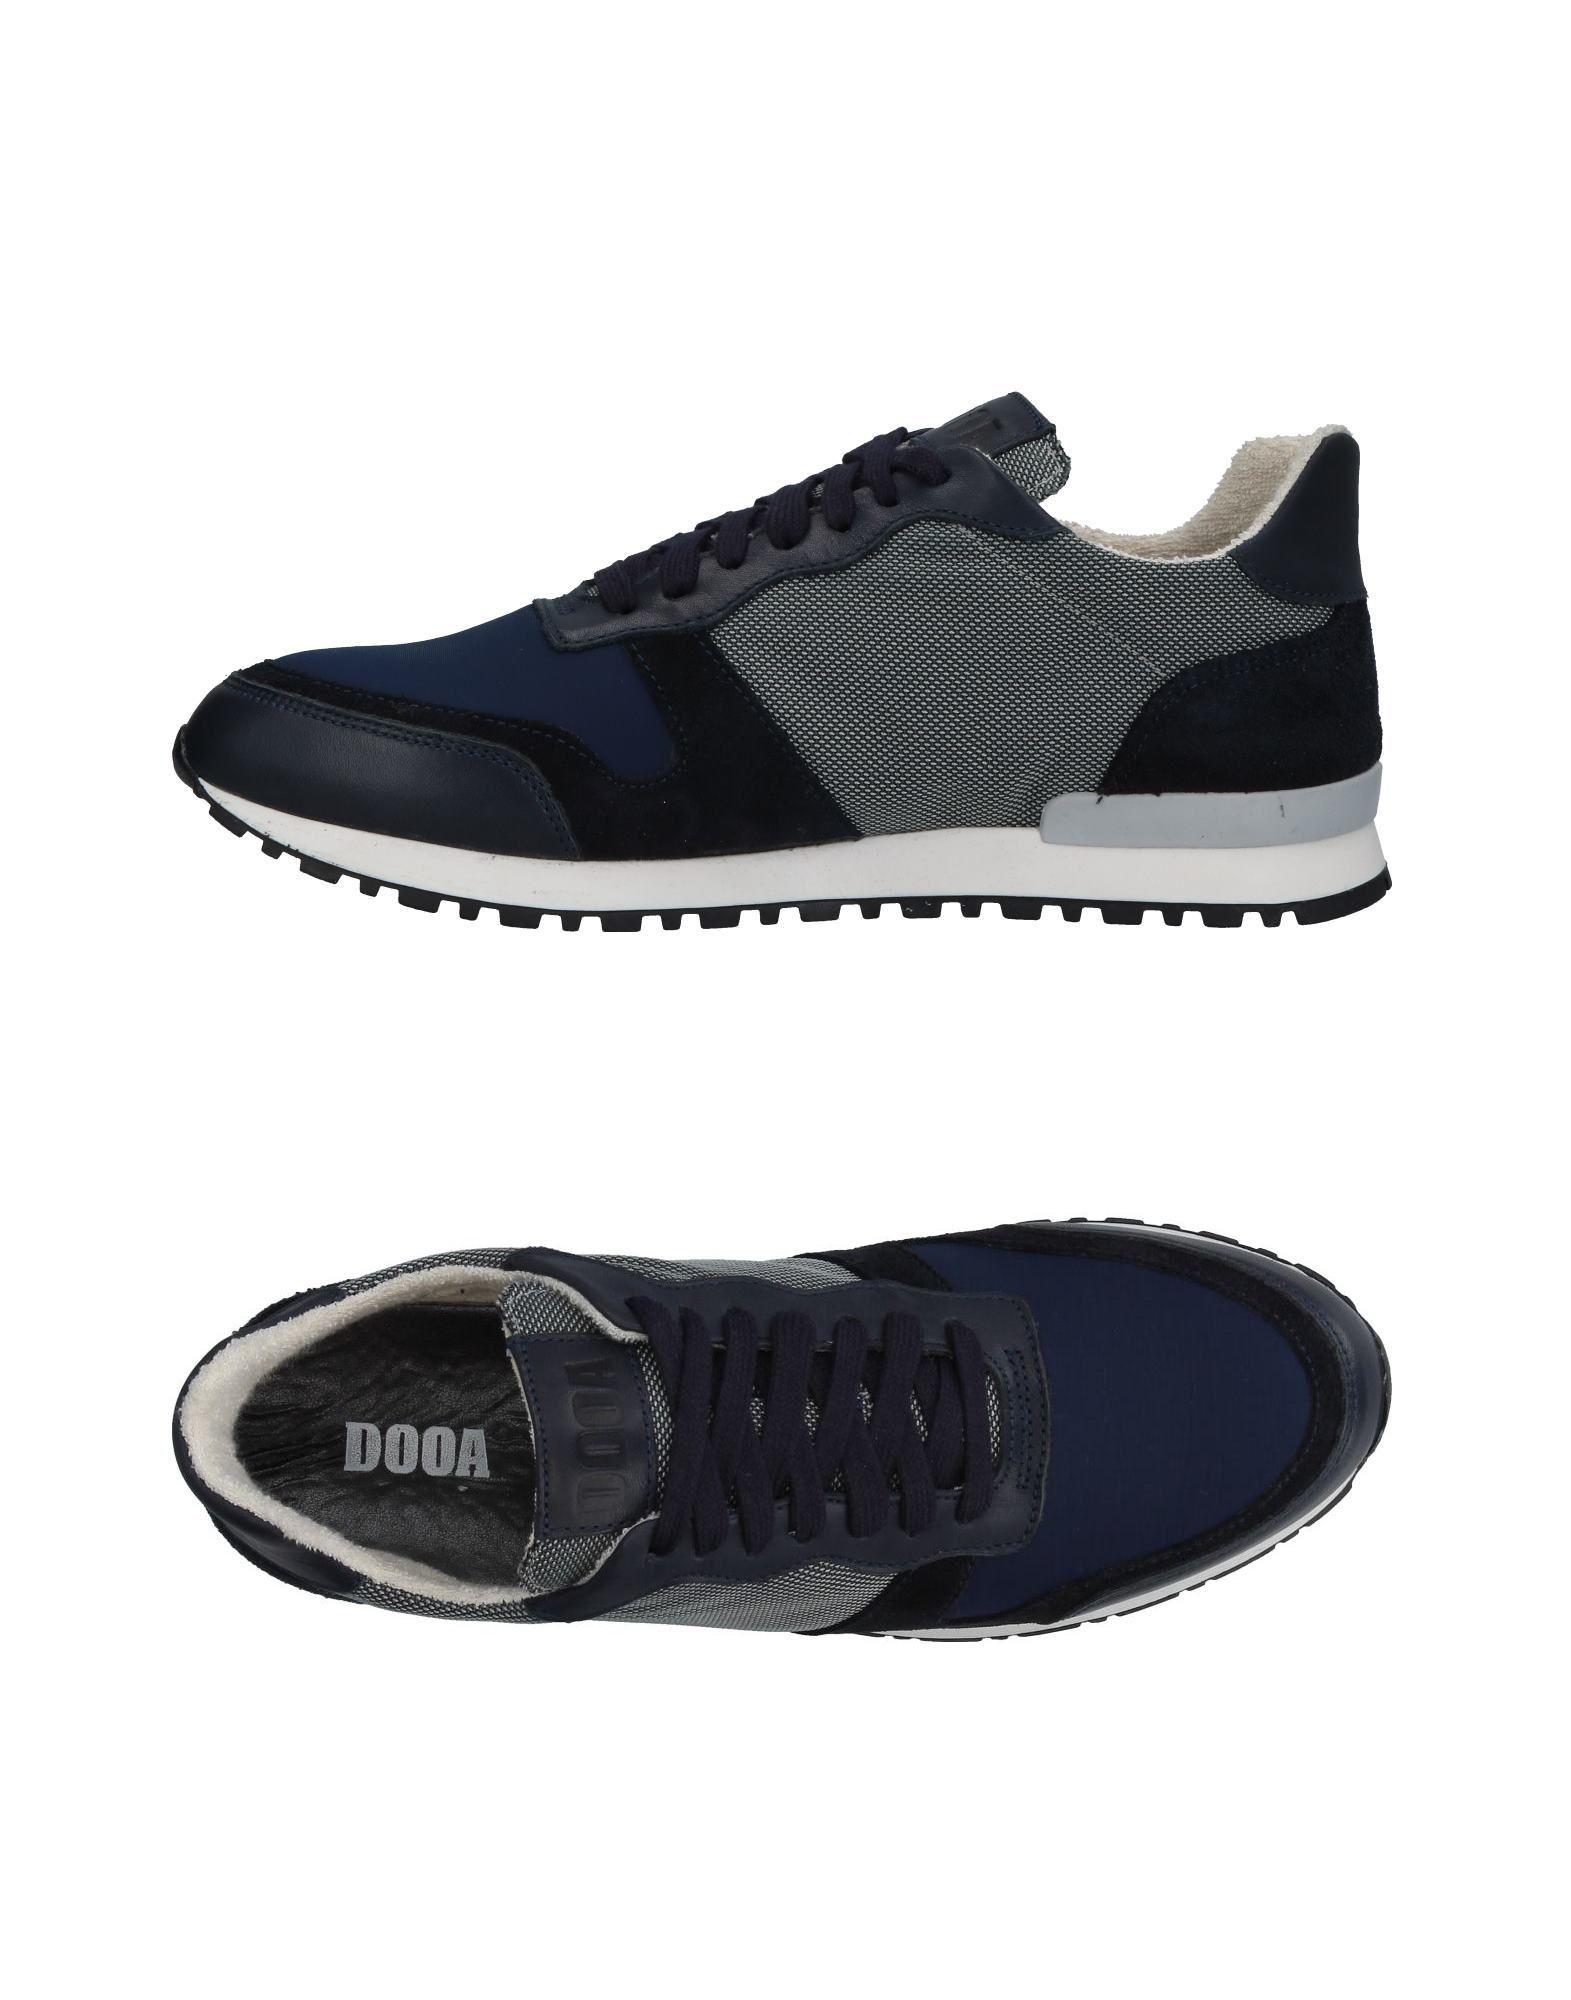 Rabatt echte Schuhe Dooa Sneakers Herren  11395593OS